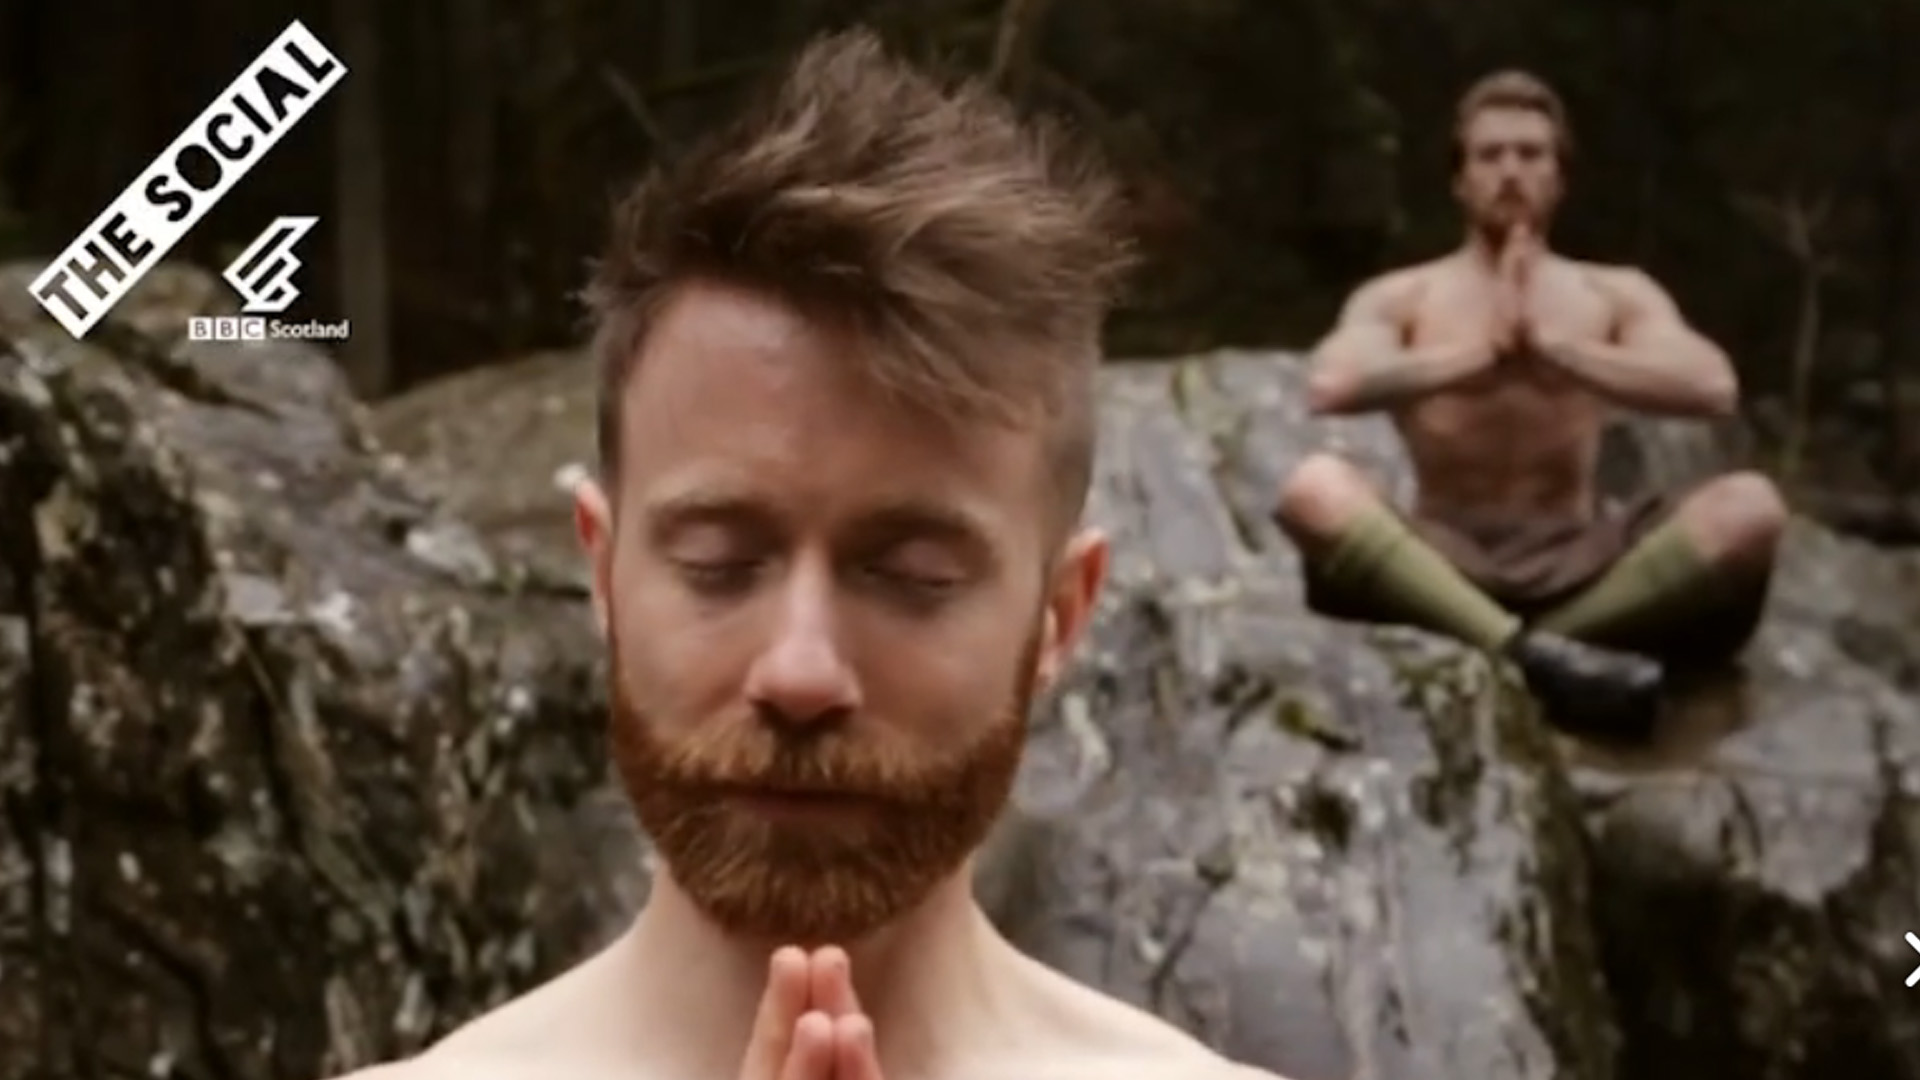 Kilted yoga guys